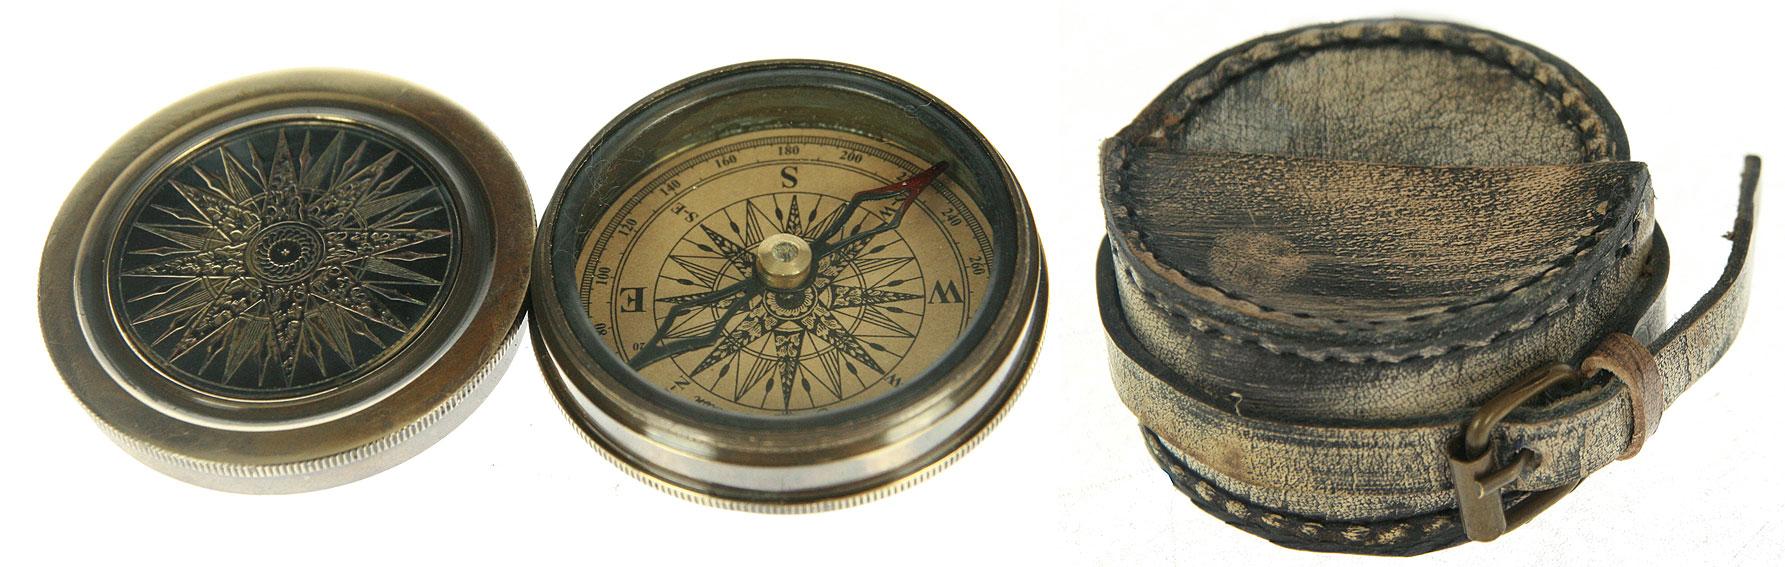 Купить компас в Москве - судовой, морской, магнитный